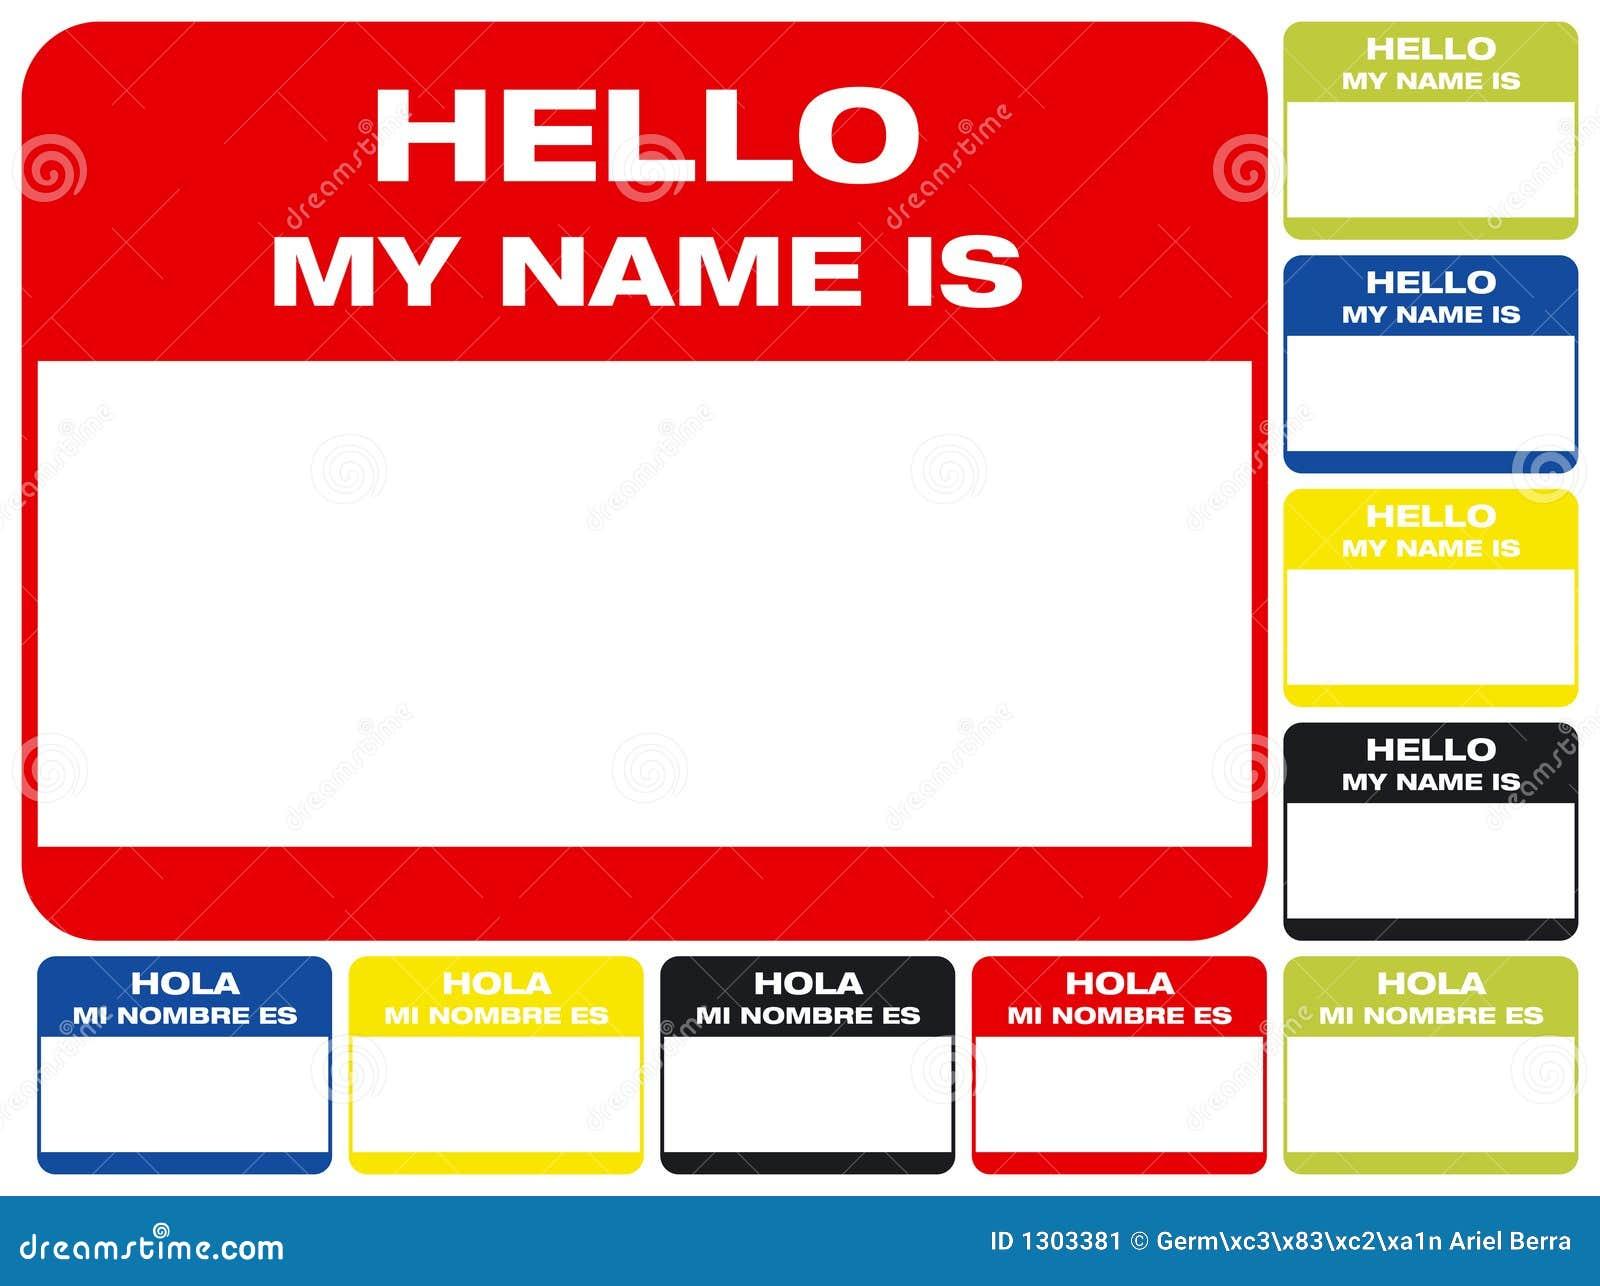 γειά σου το όνομά μου